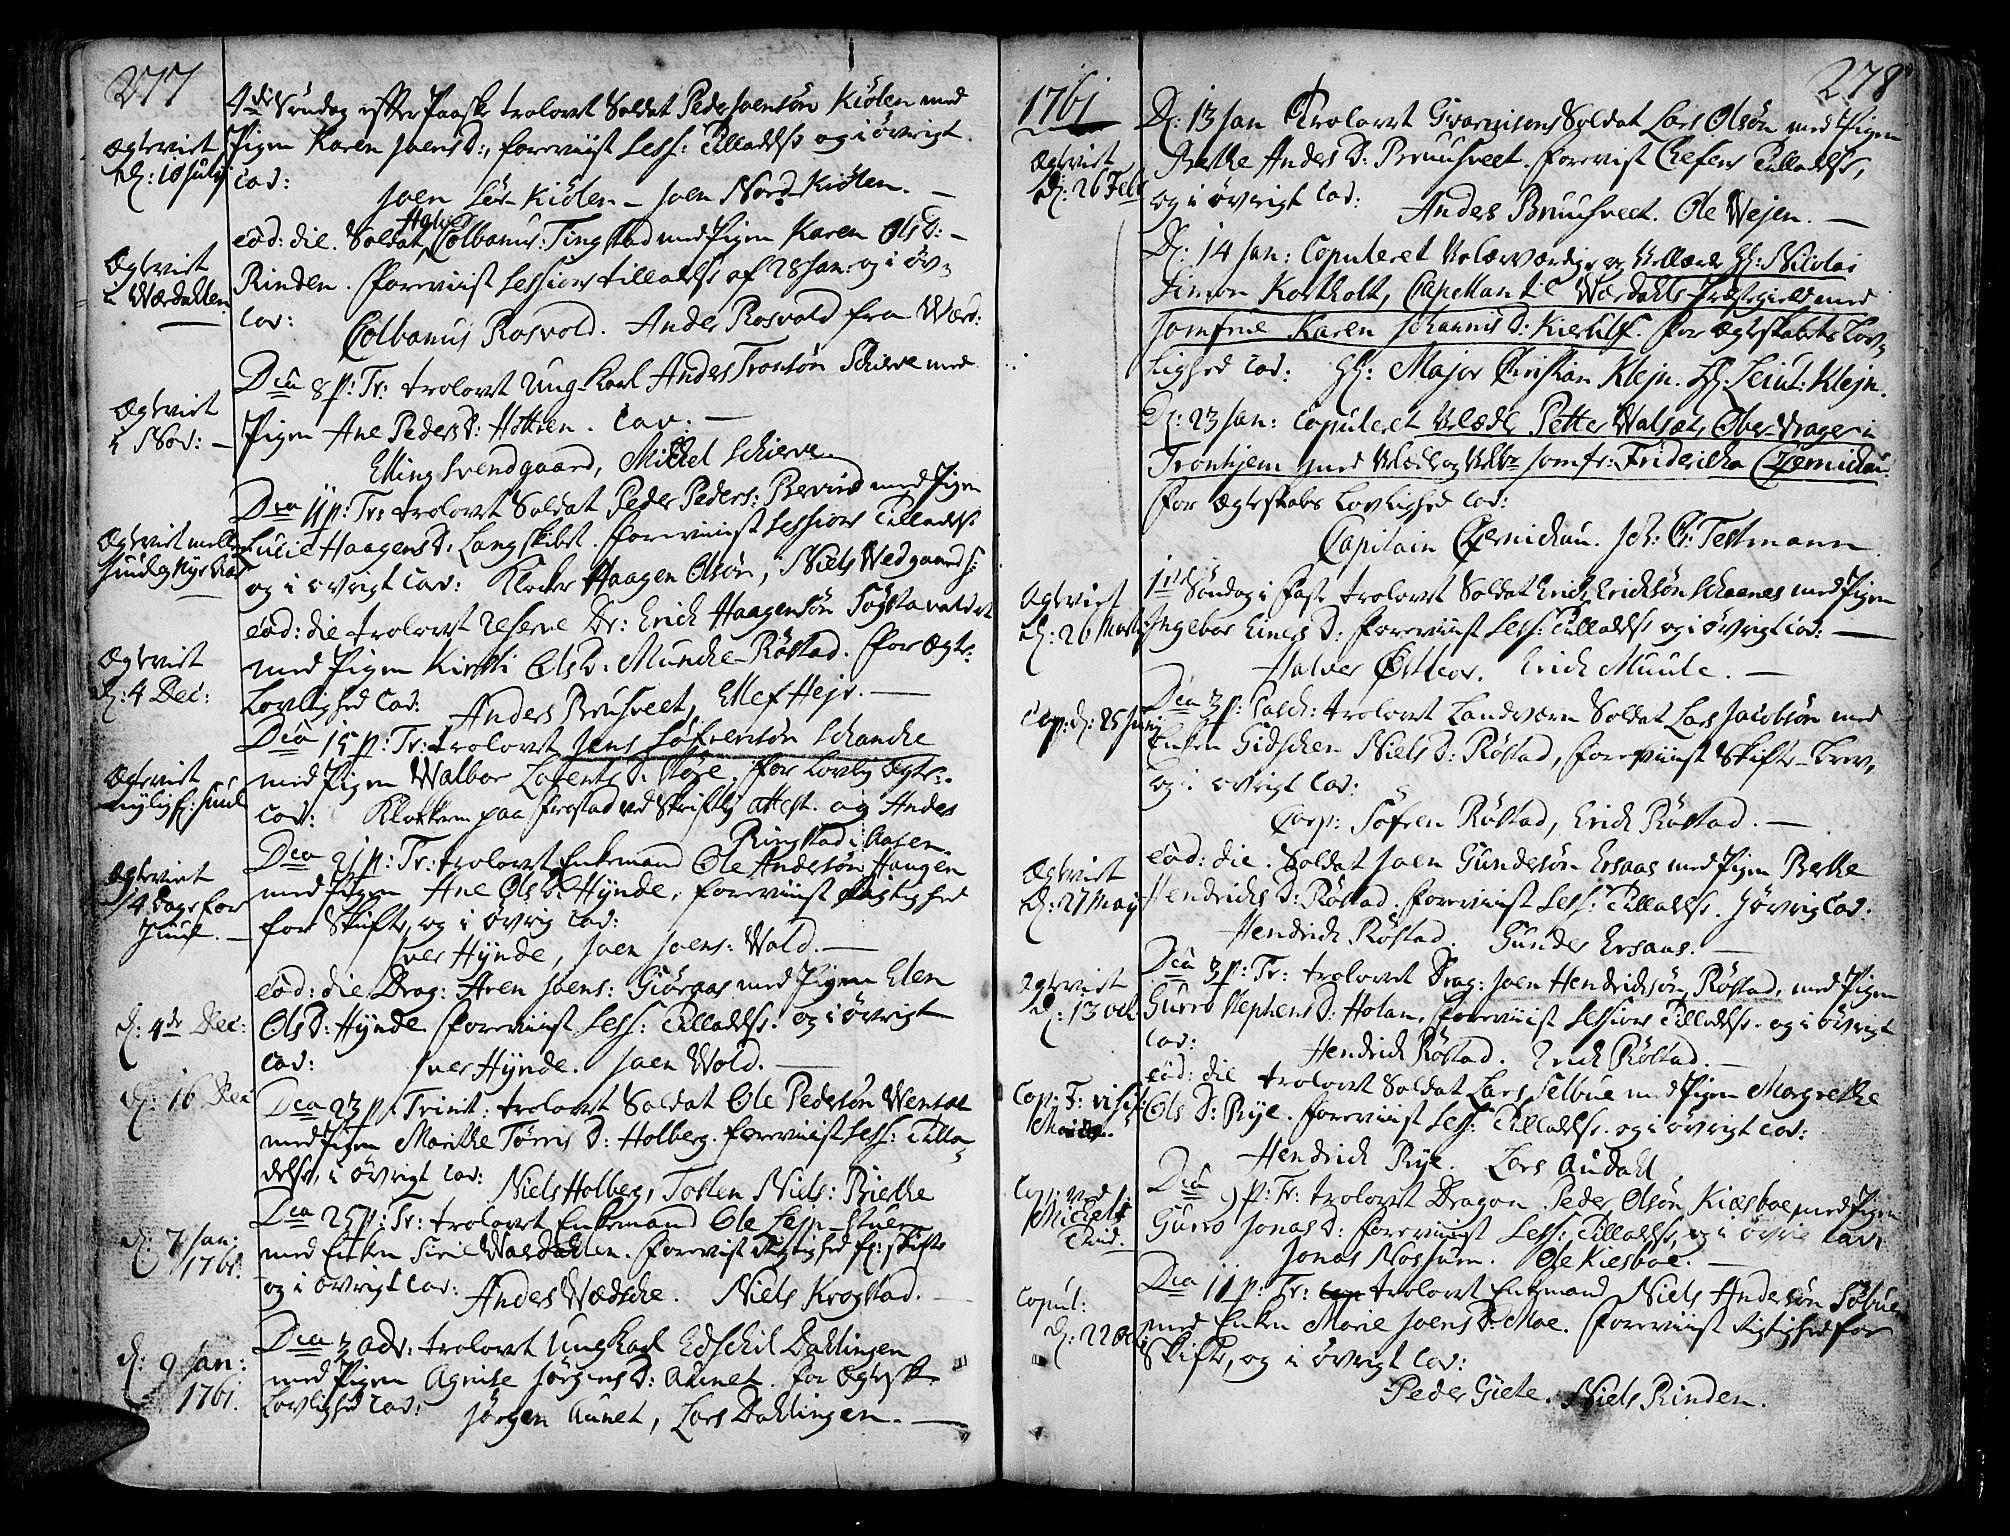 SAT, Ministerialprotokoller, klokkerbøker og fødselsregistre - Nord-Trøndelag, 717/L0141: Ministerialbok nr. 717A01, 1747-1803, s. 277-278